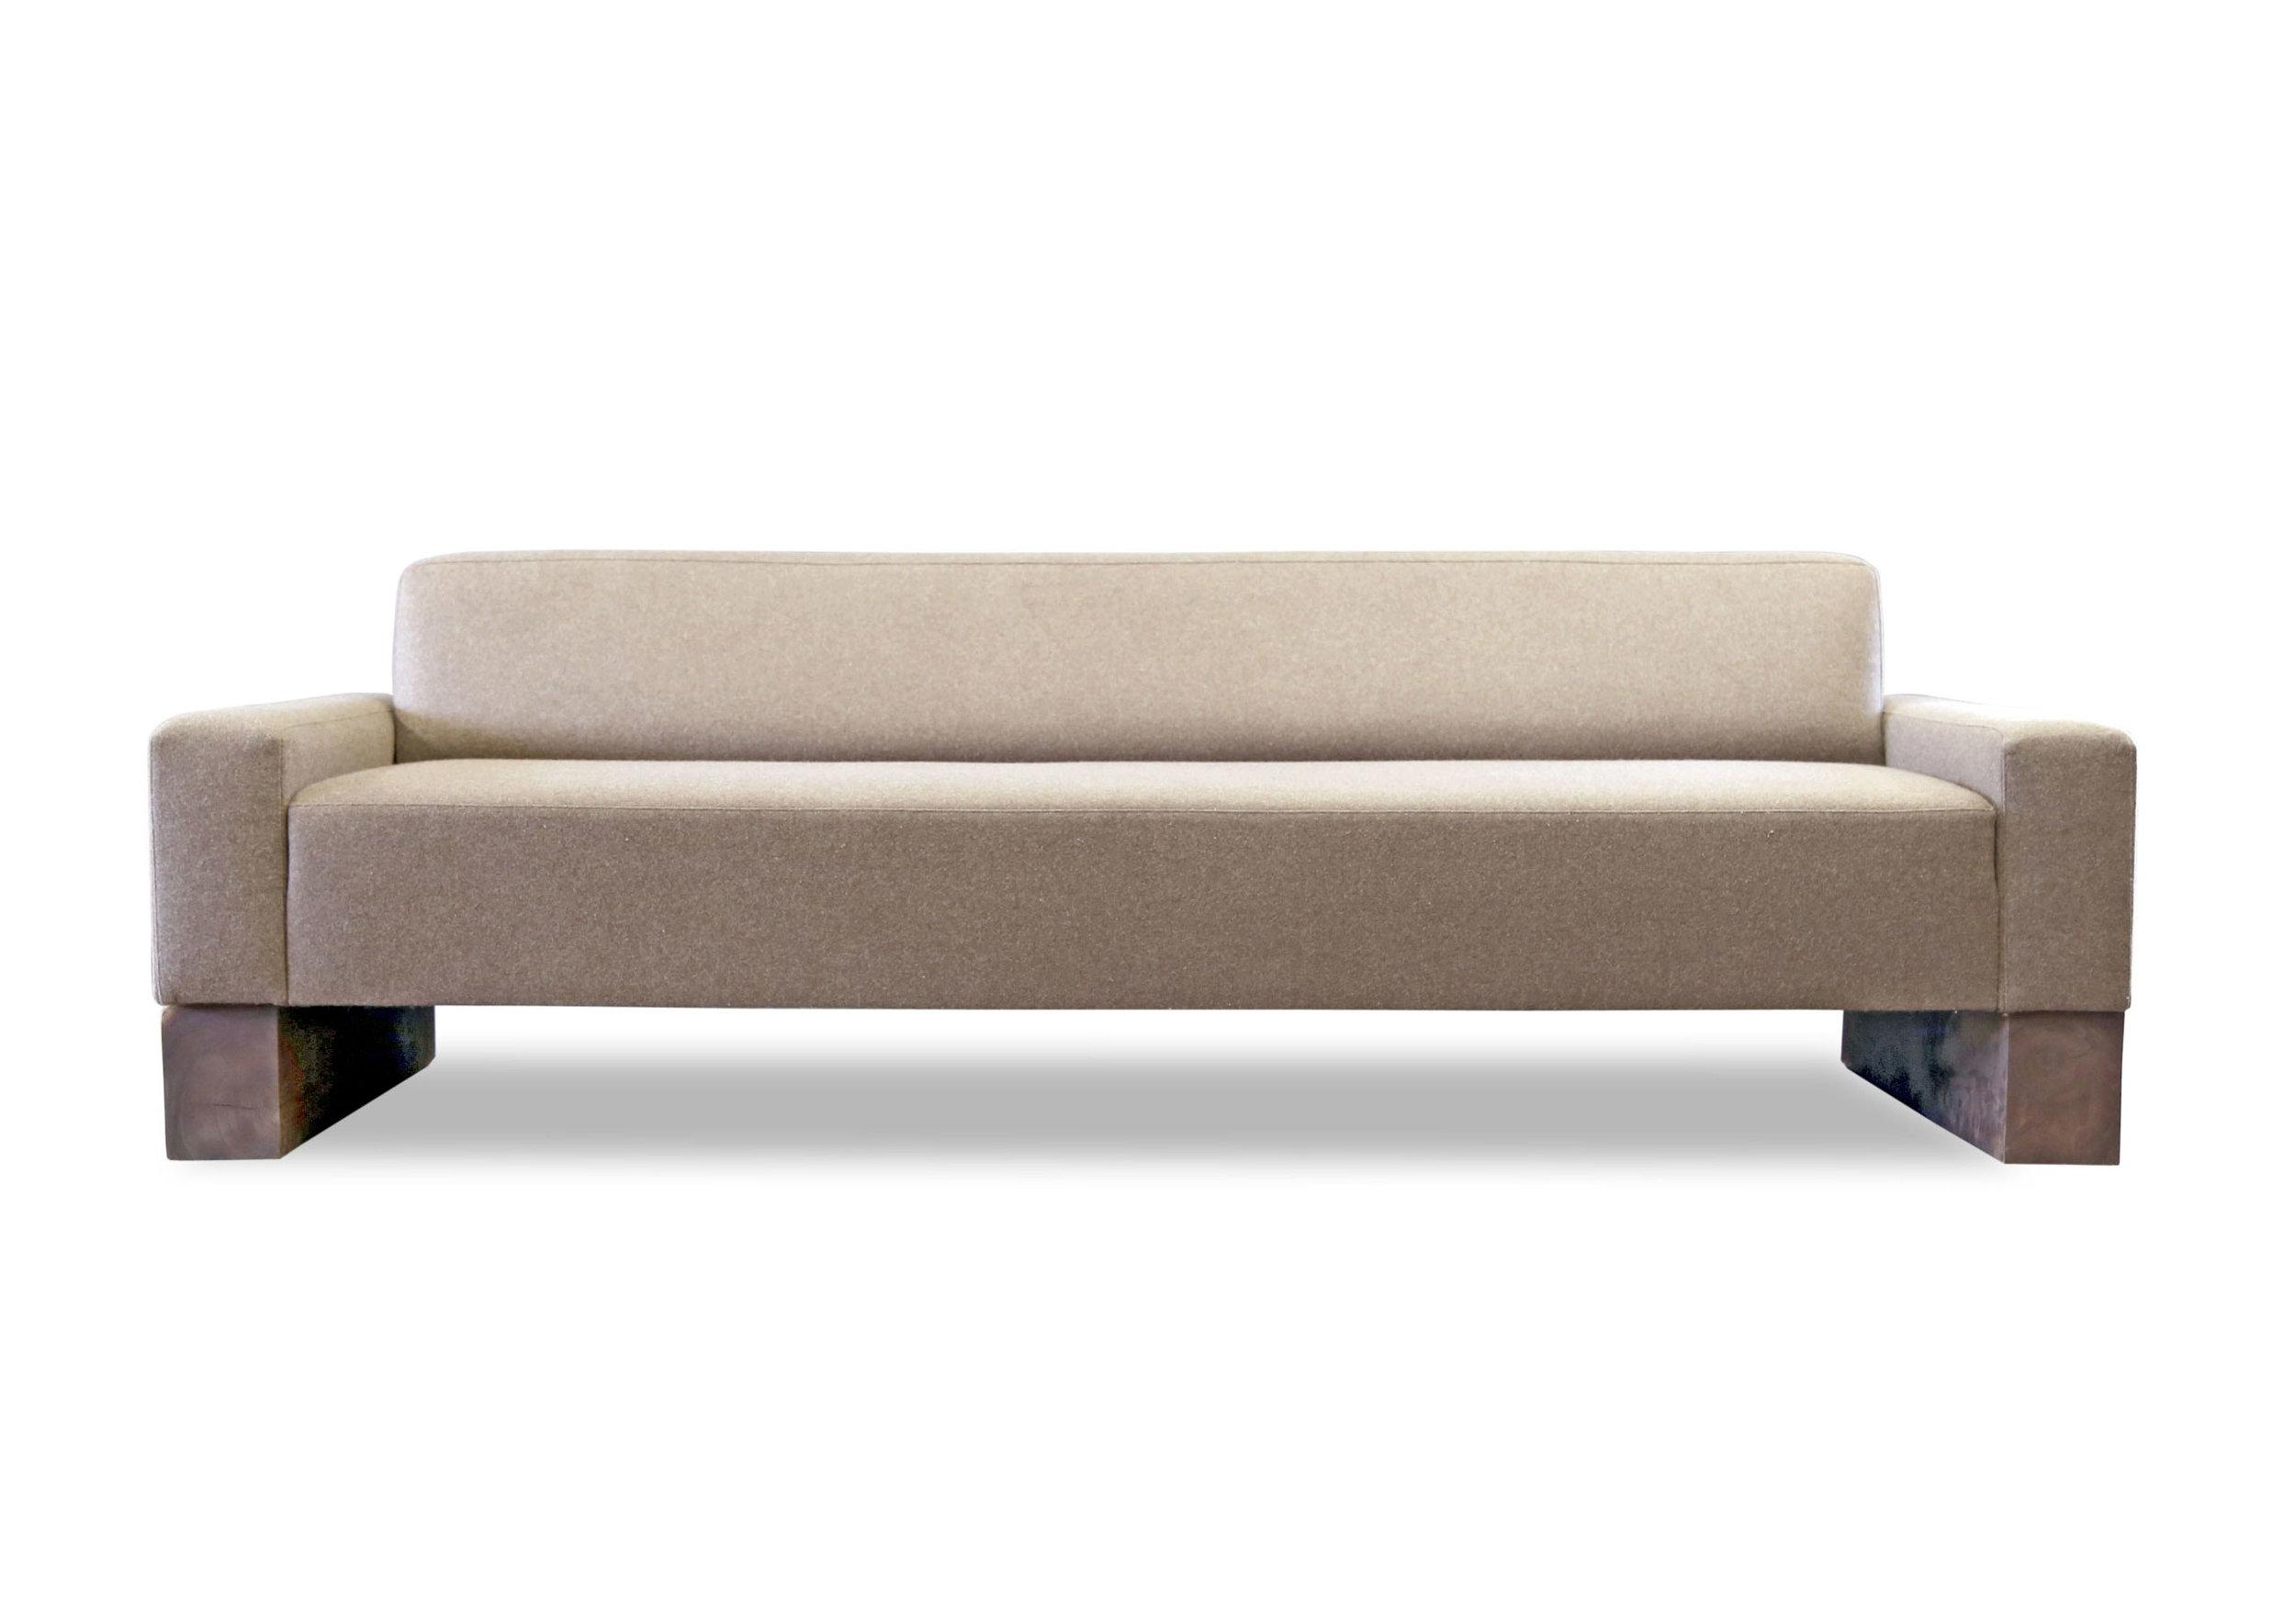 SHIMNA Beam Sofa